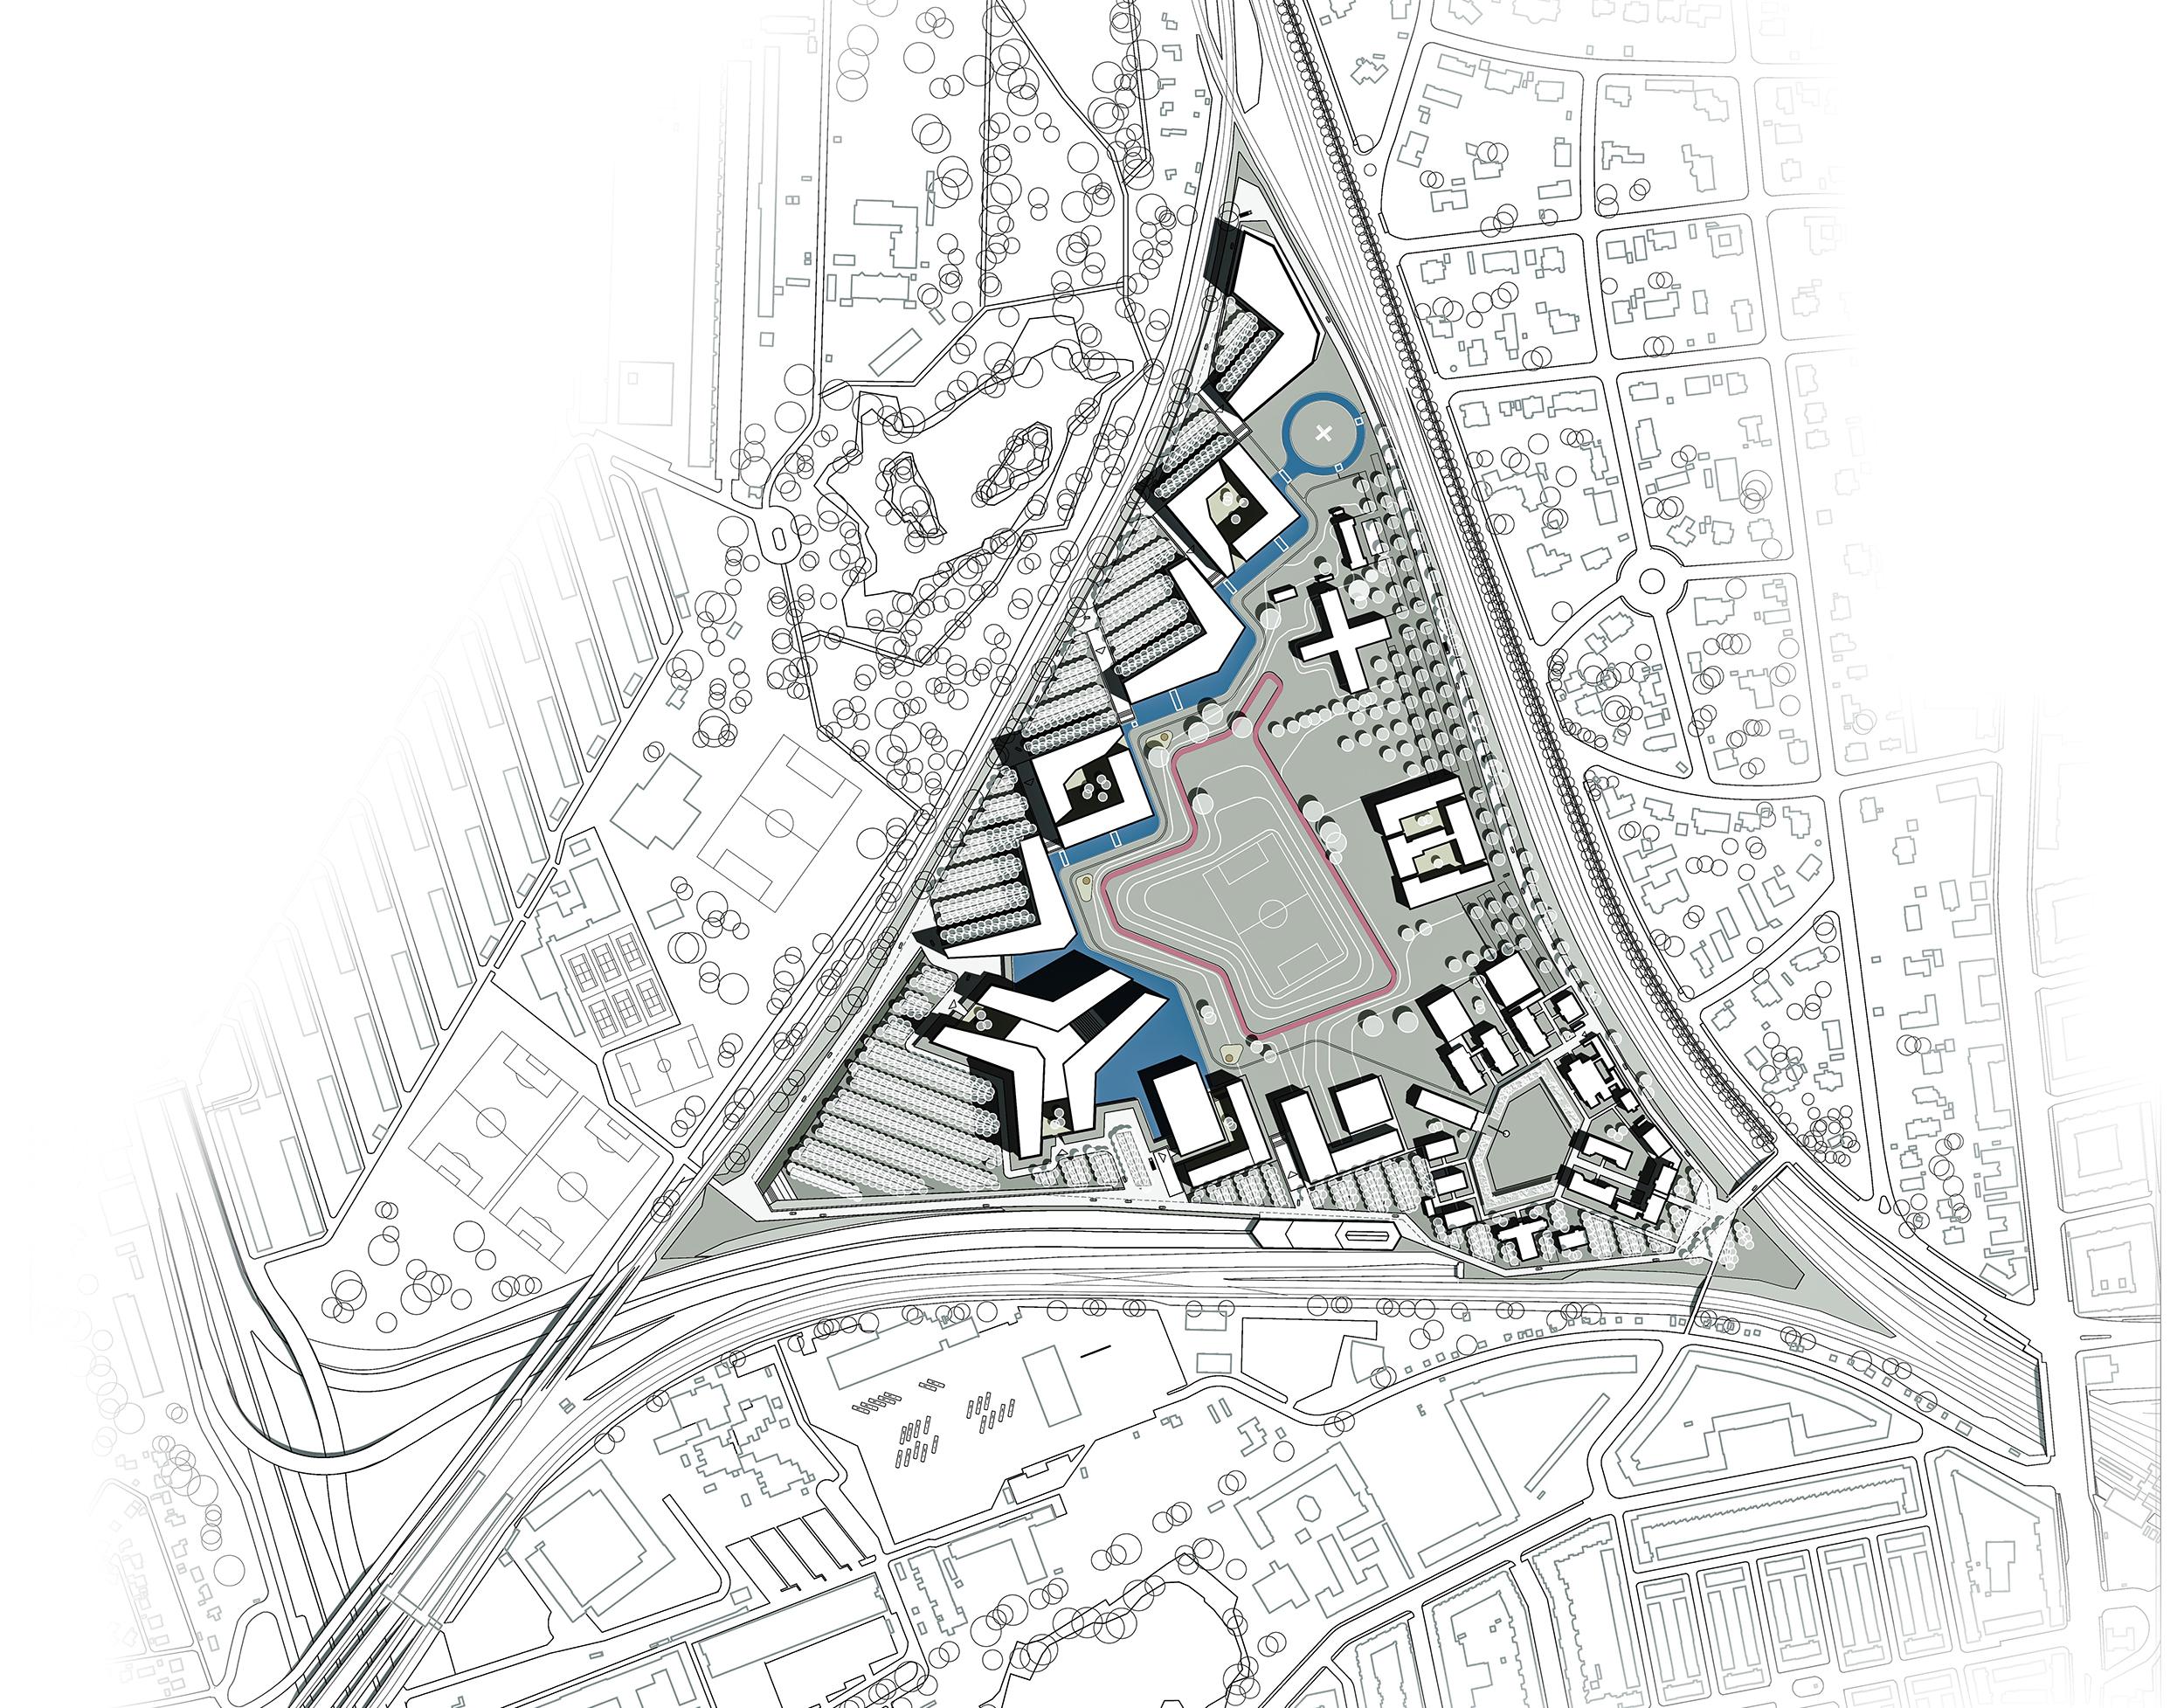 dw-svanemollen-siteplan-2500px.jpg